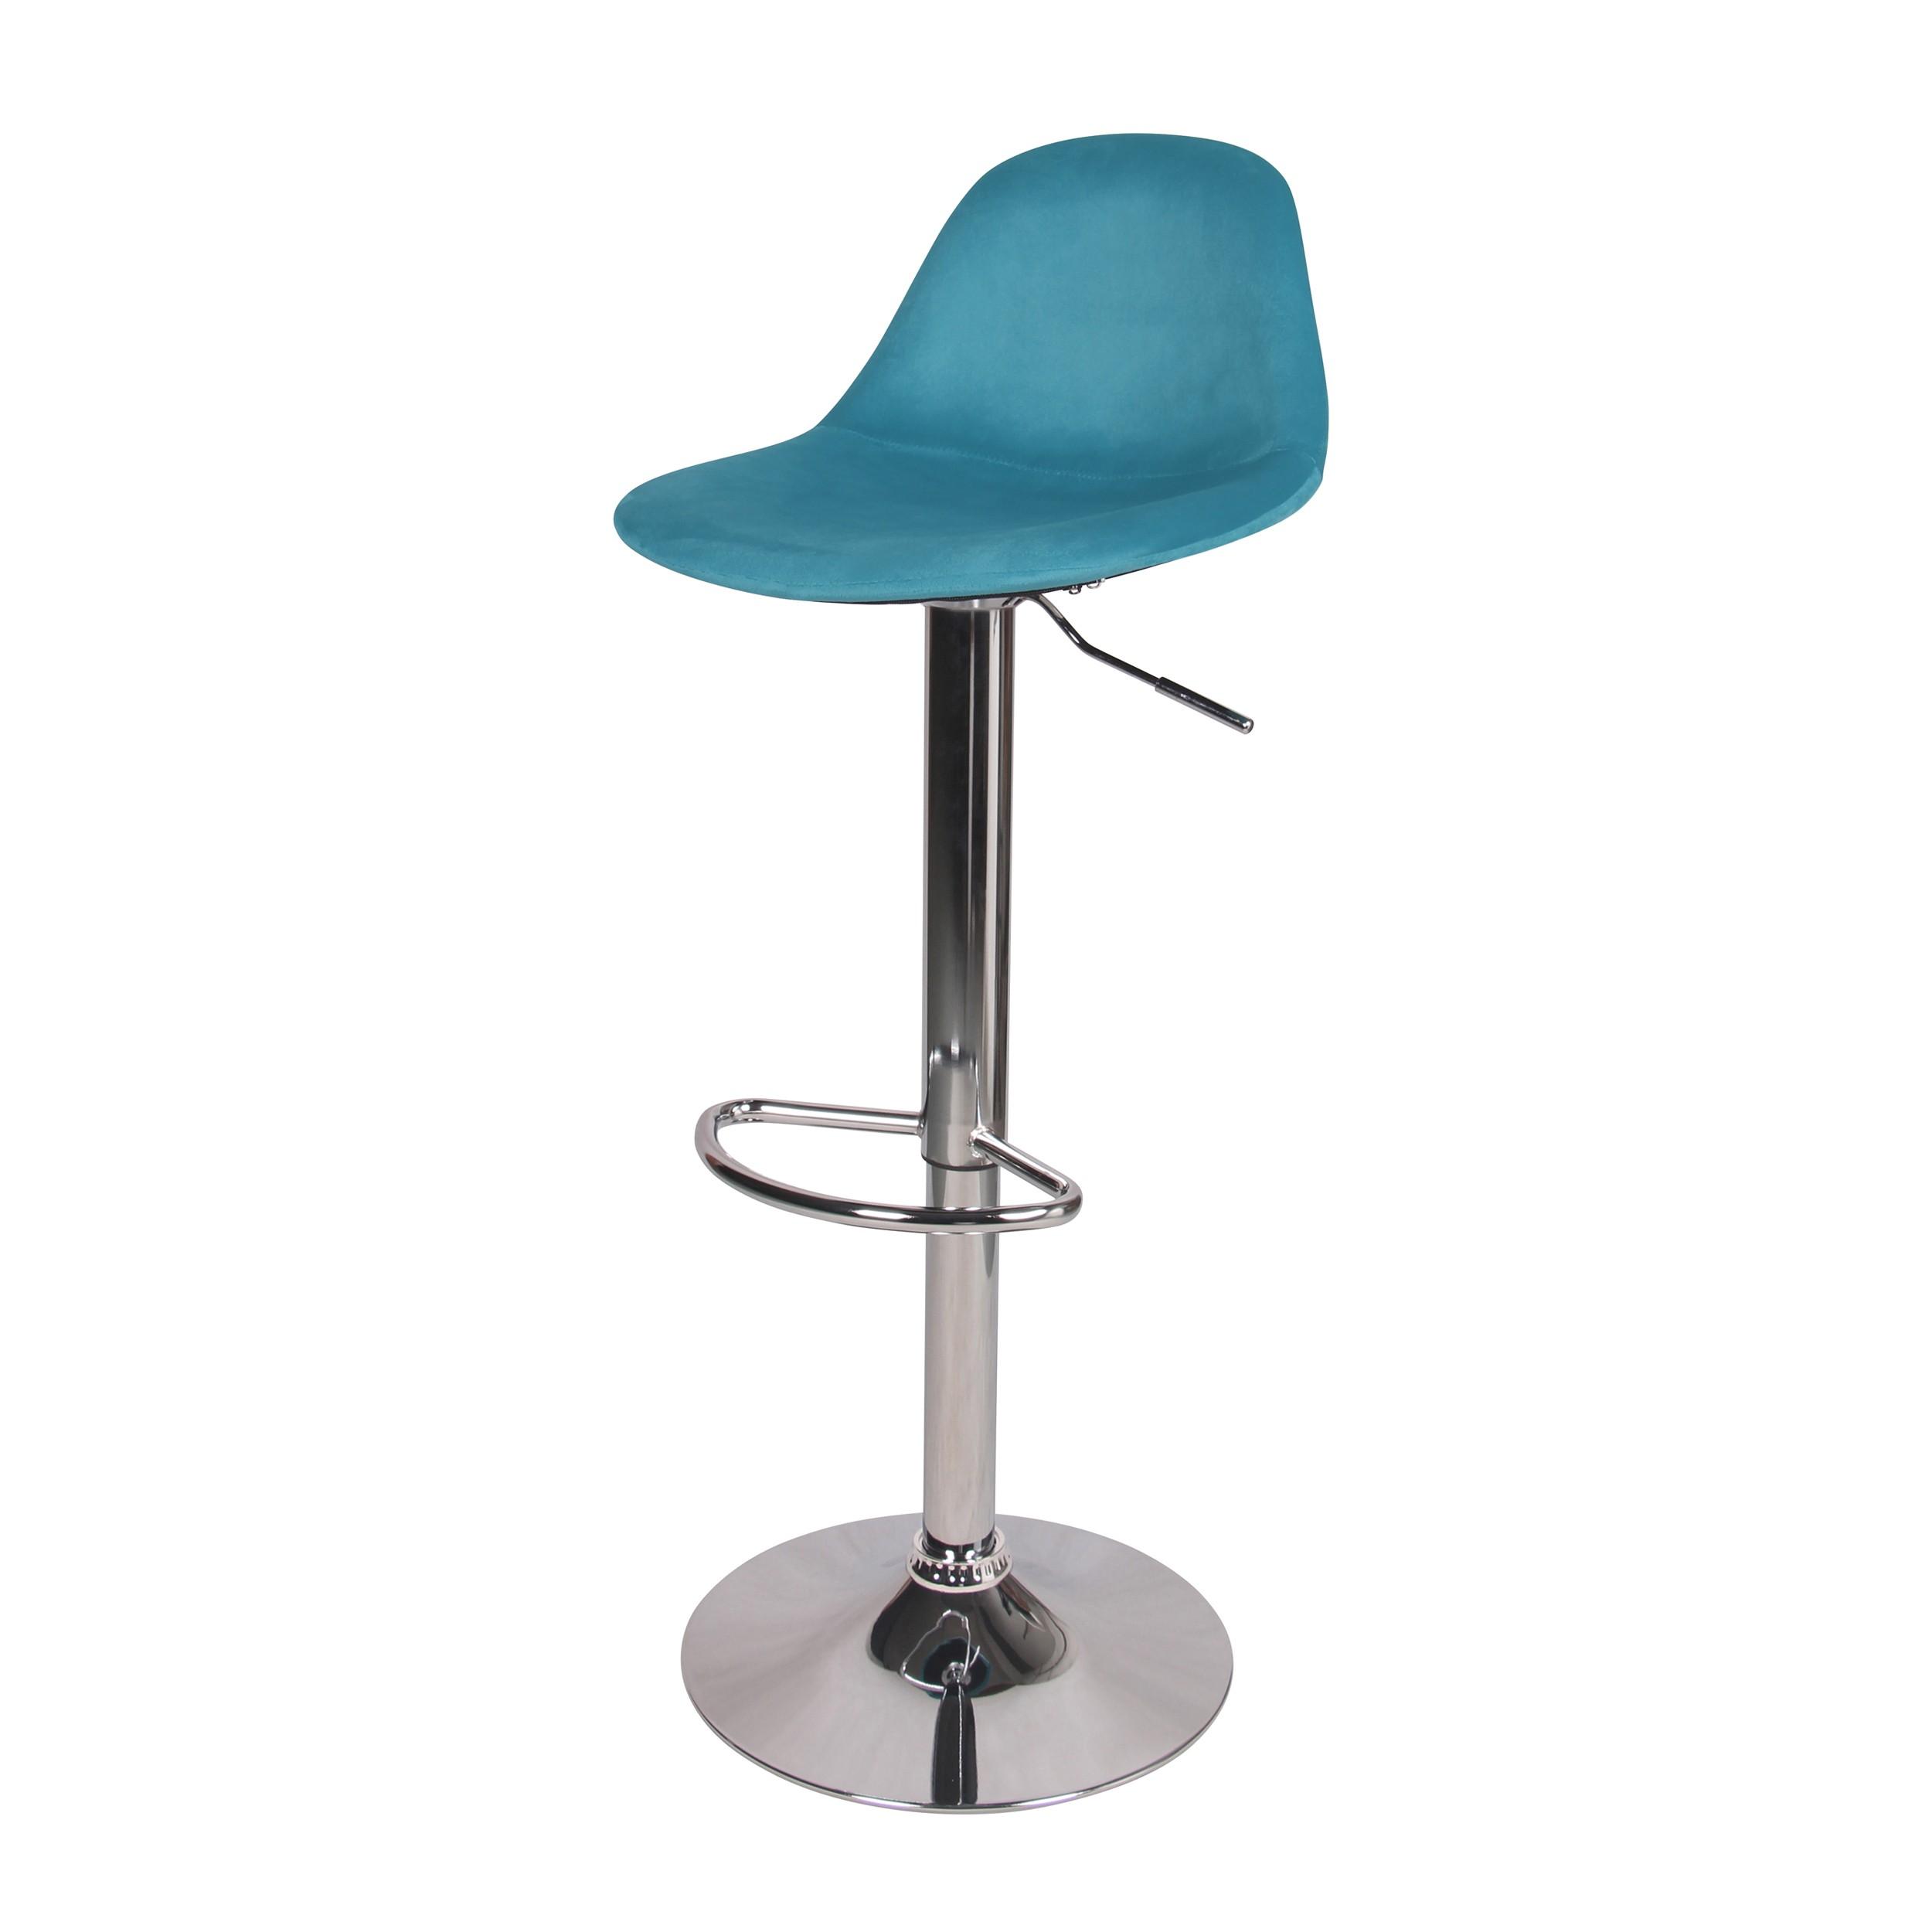 acheter chaise en velours avec repose pieds